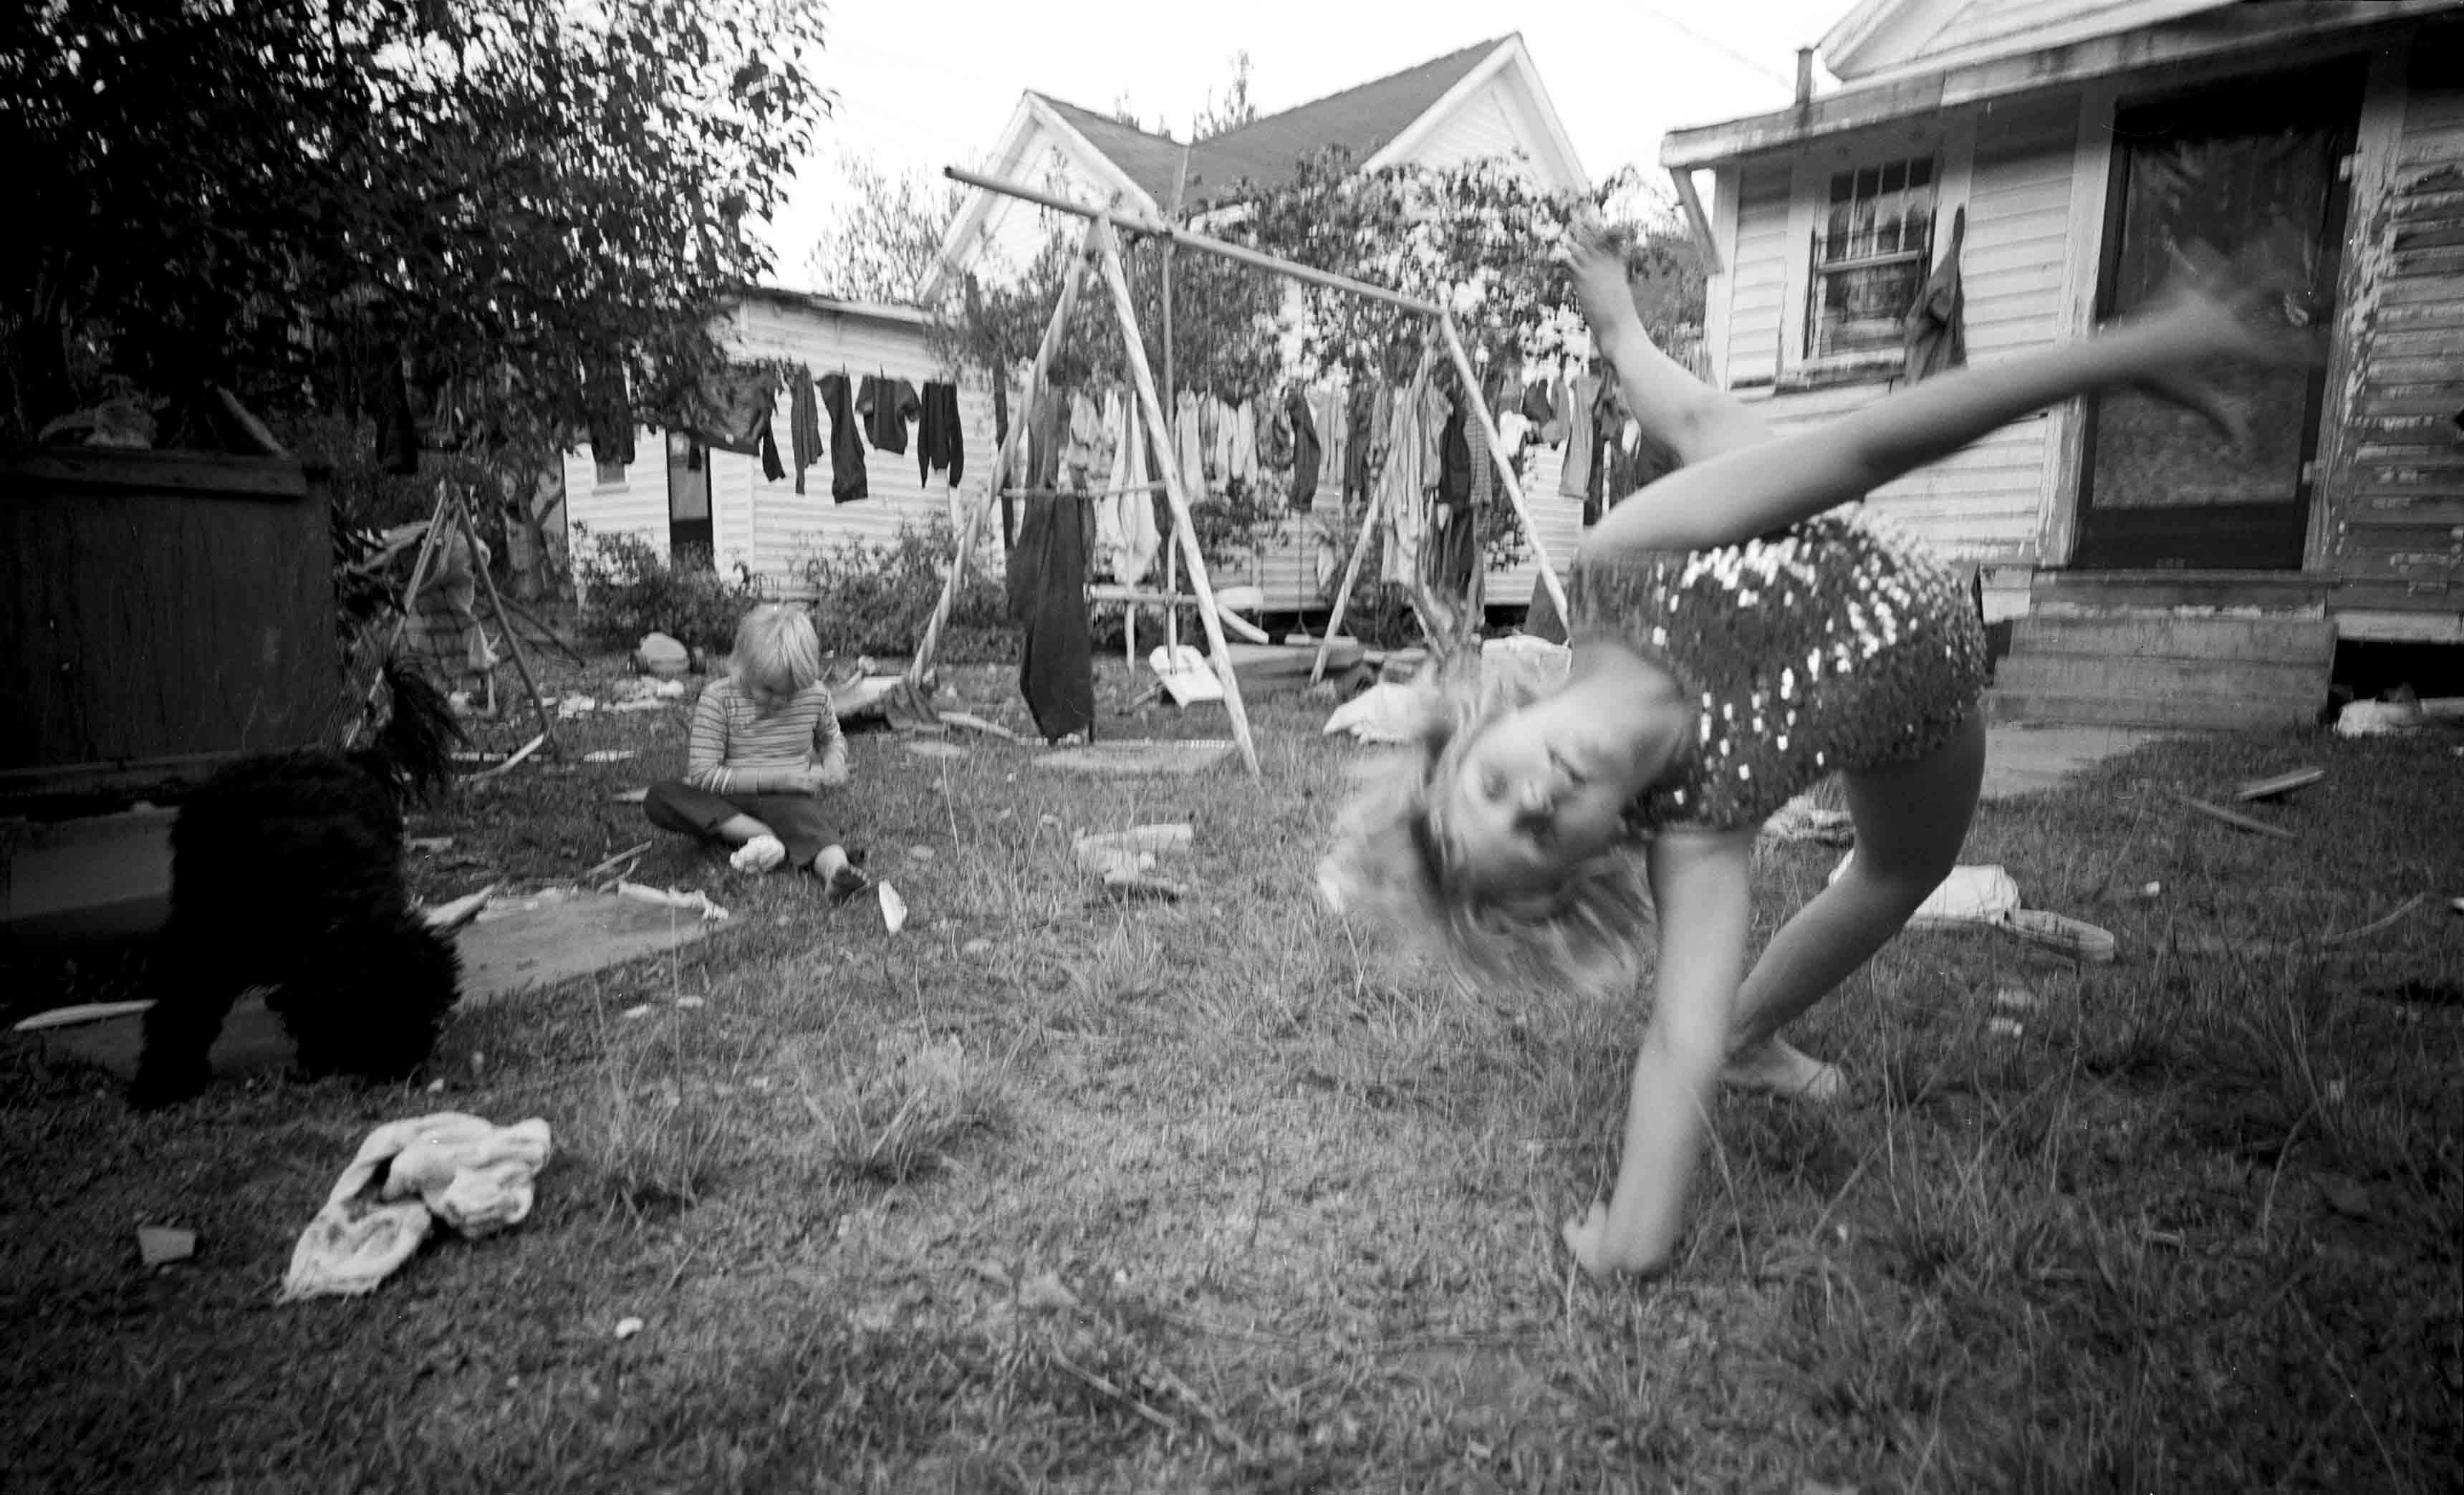 Susan Meiselas Caroline du Sud, Série Porch Portraits, 1974 © Susan Meiselas/Magnum Photos